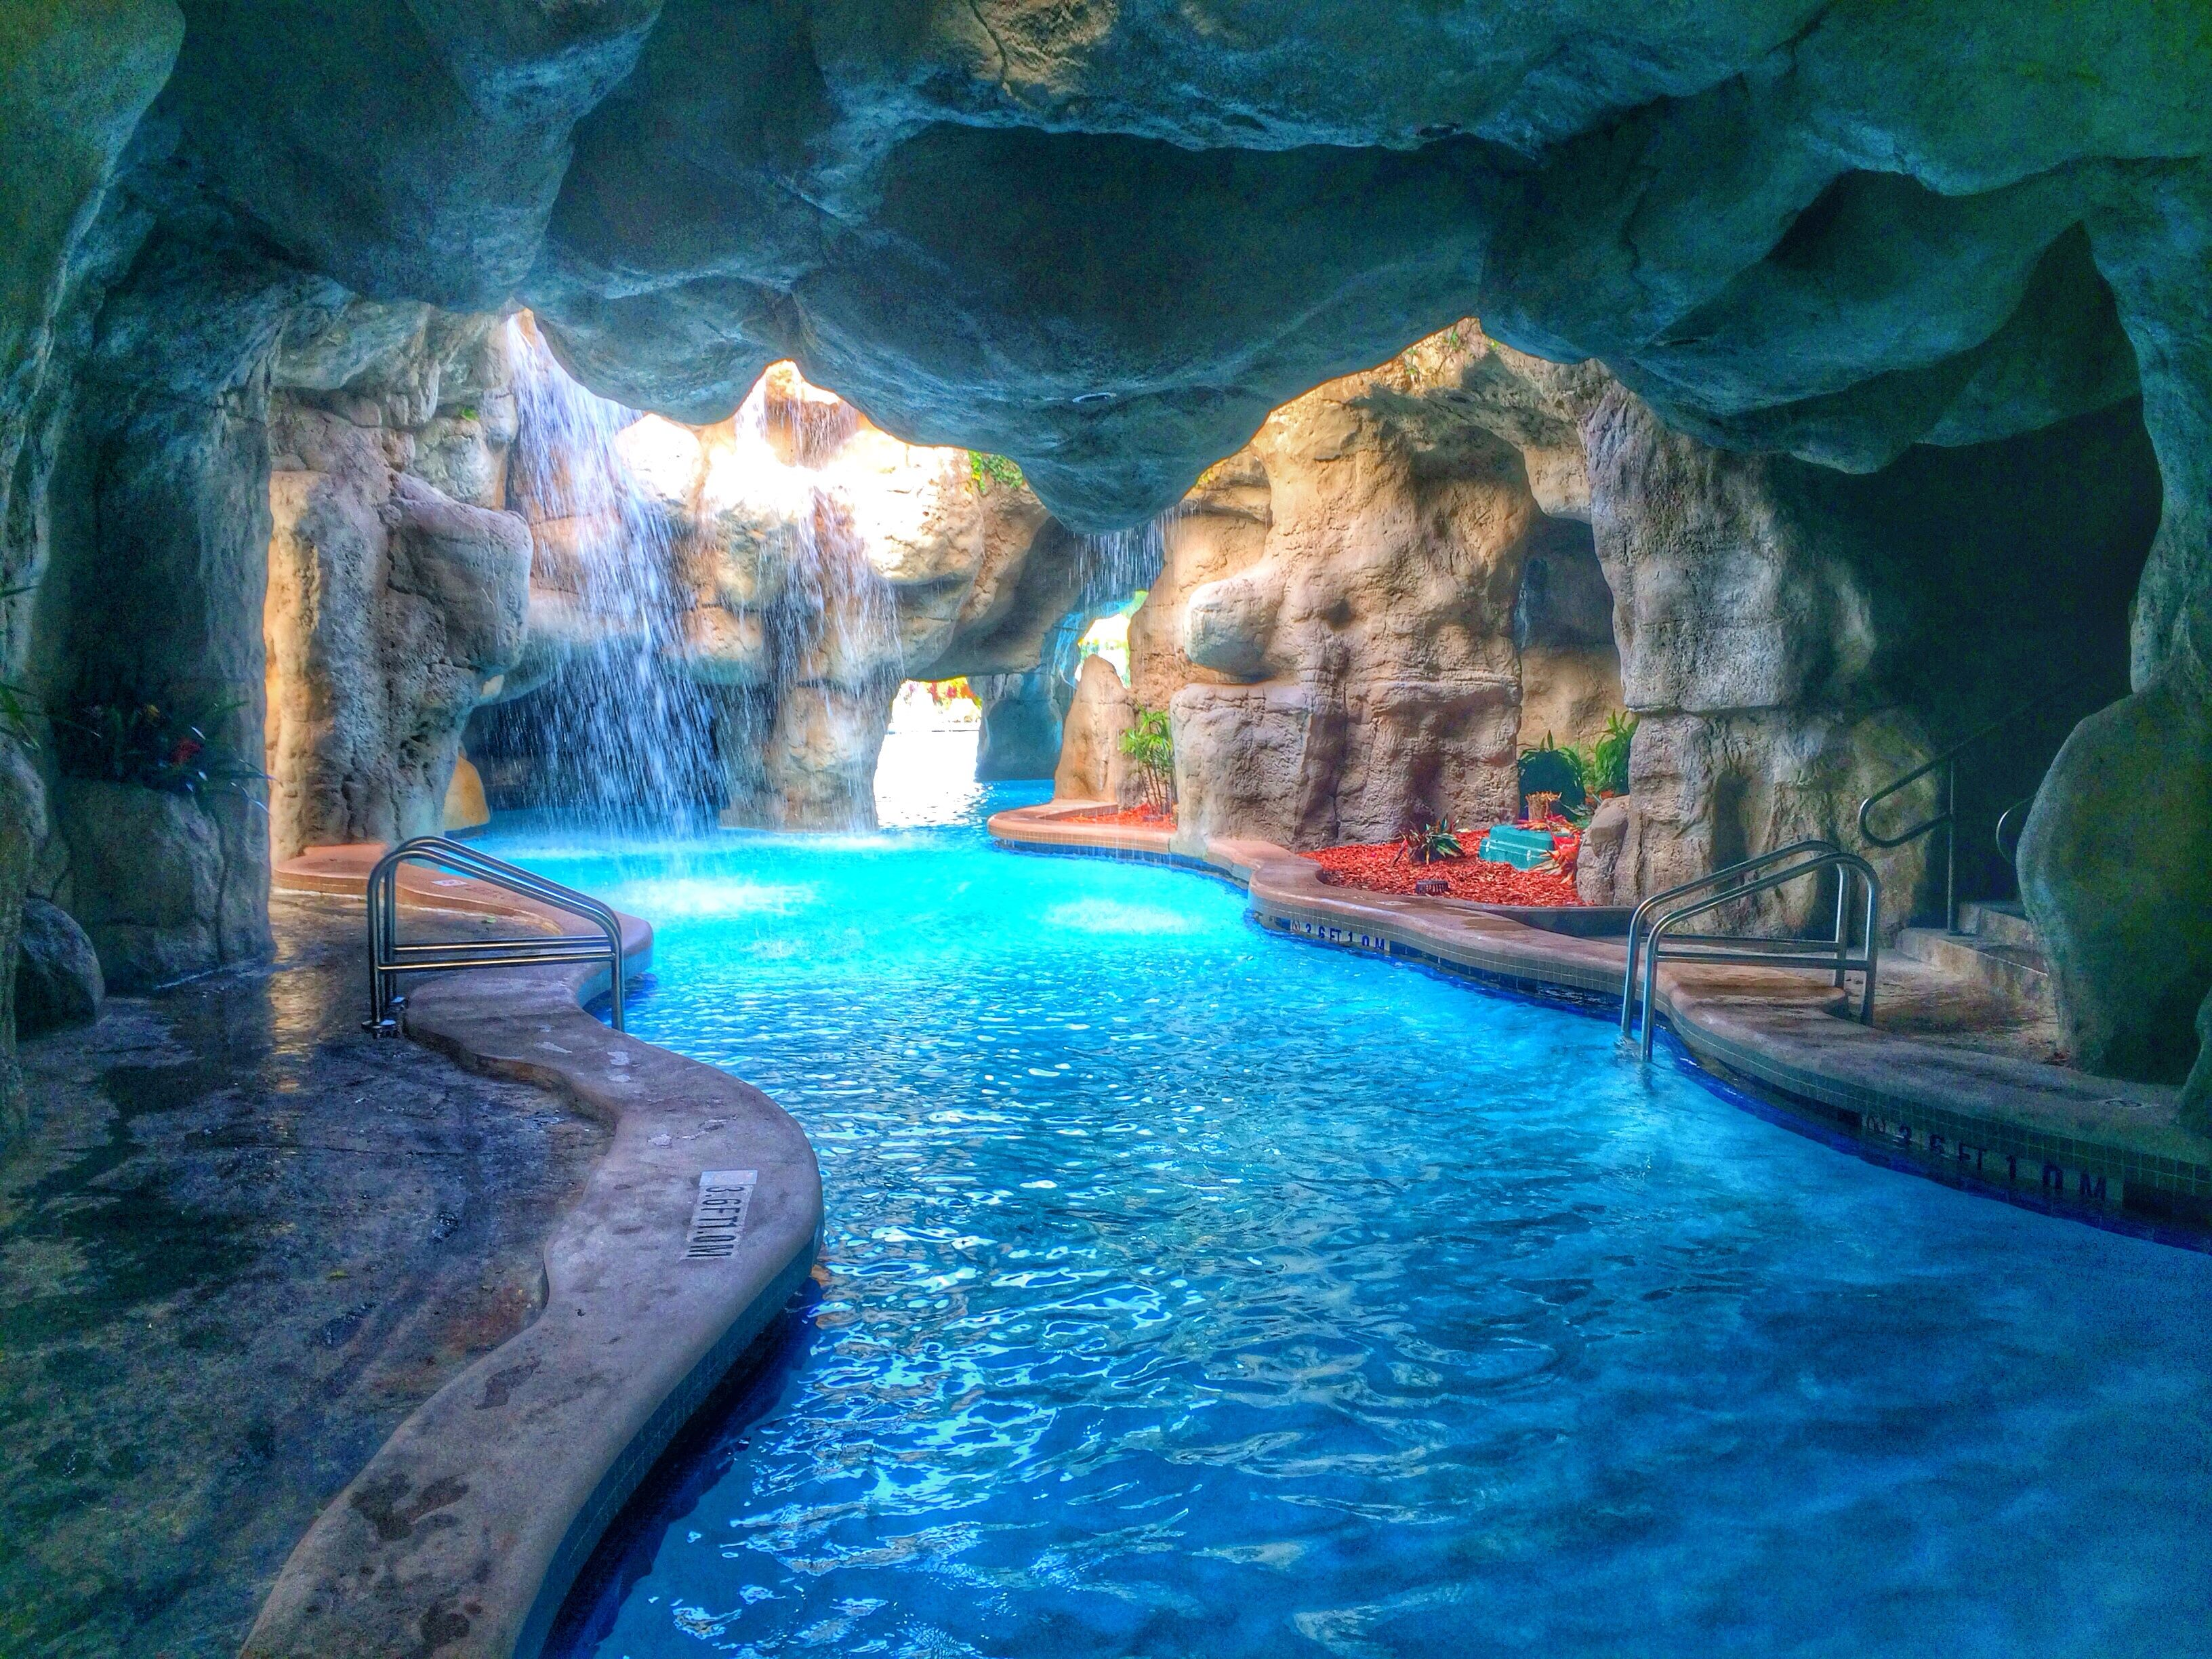 Tambien Tengo Una Cueva De Agua Debajo De Mi Casa Pools